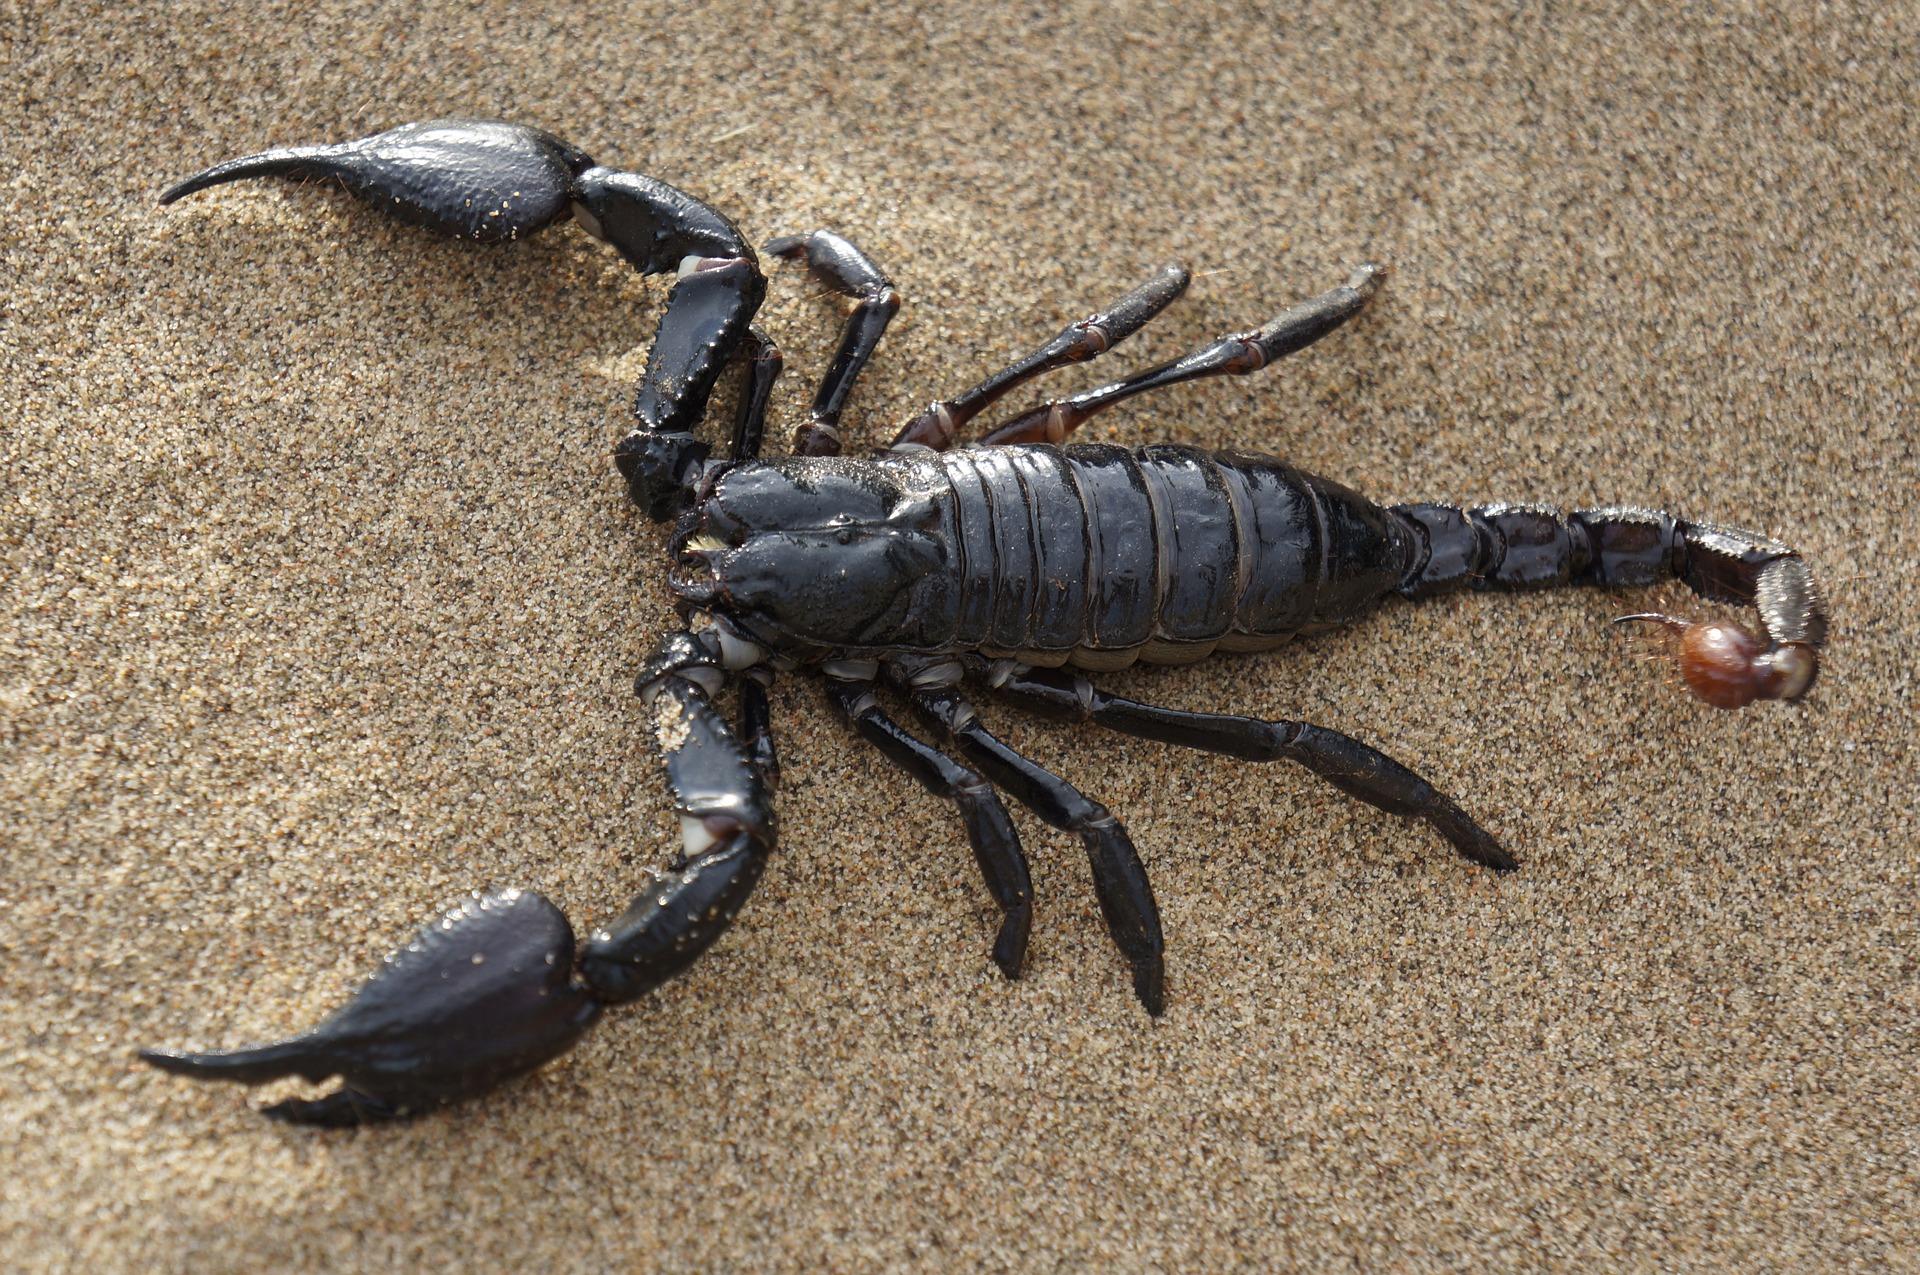 scorpion-651142_1920.jpg